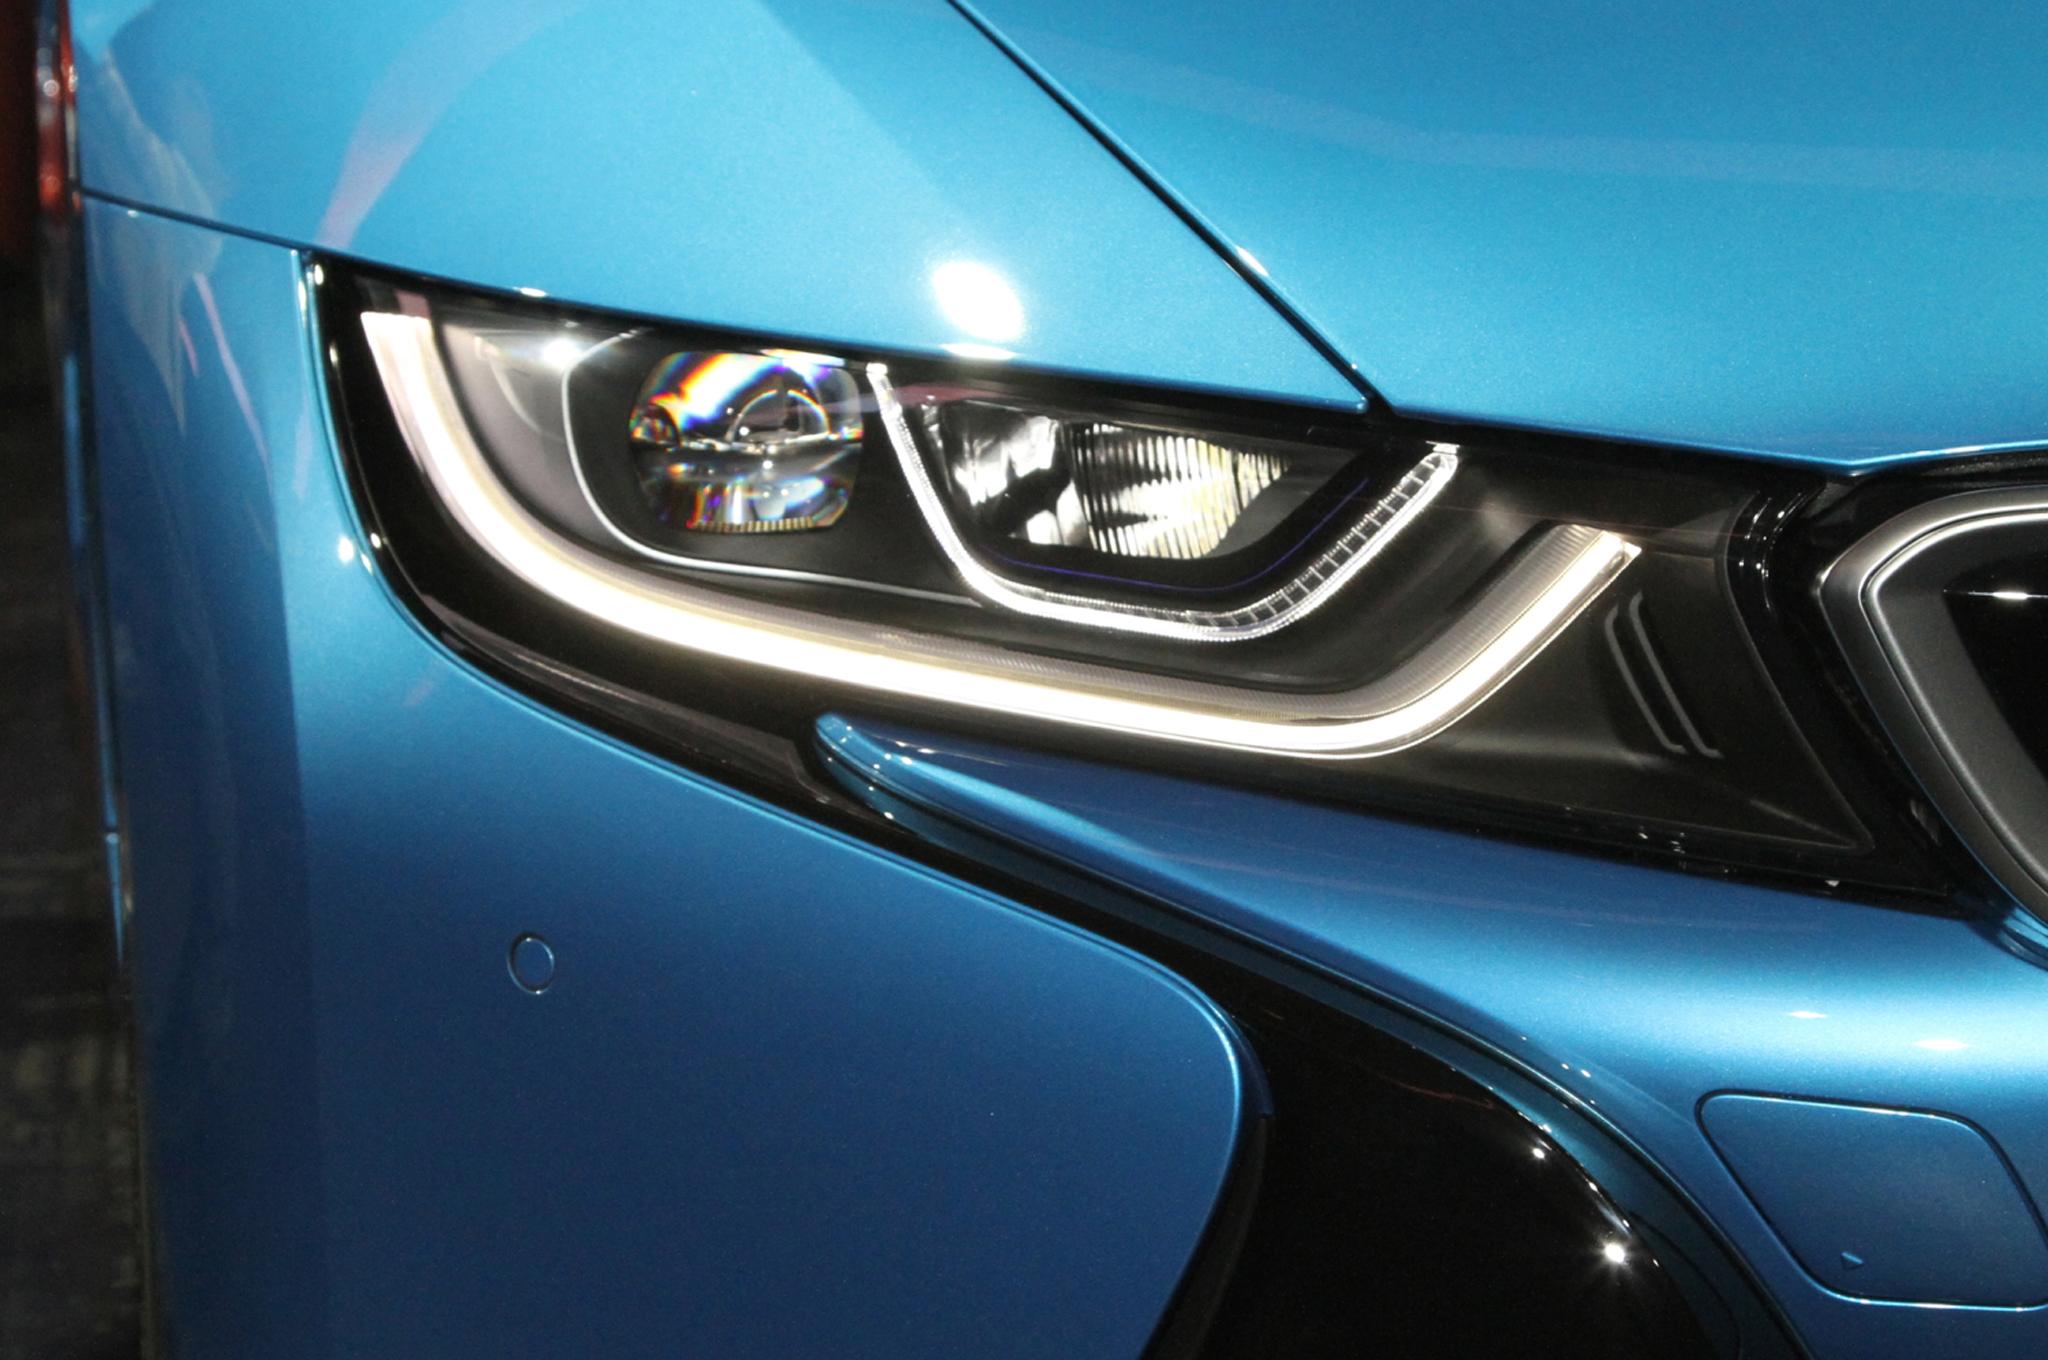 2014 BMW i8 plug in hybrid headlight